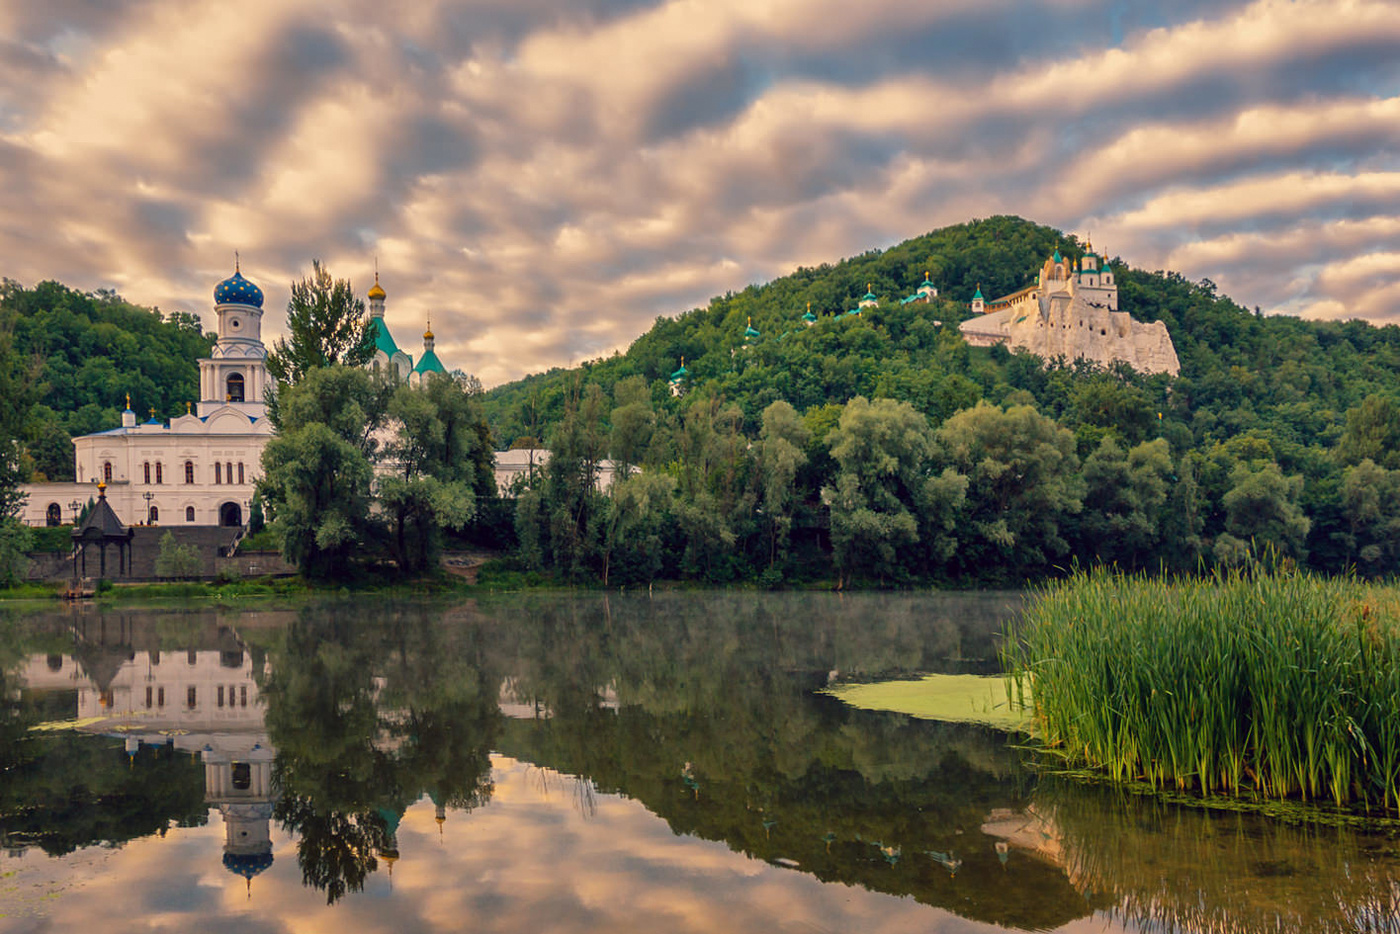 святогорский монастырь фото амбросио модель фото